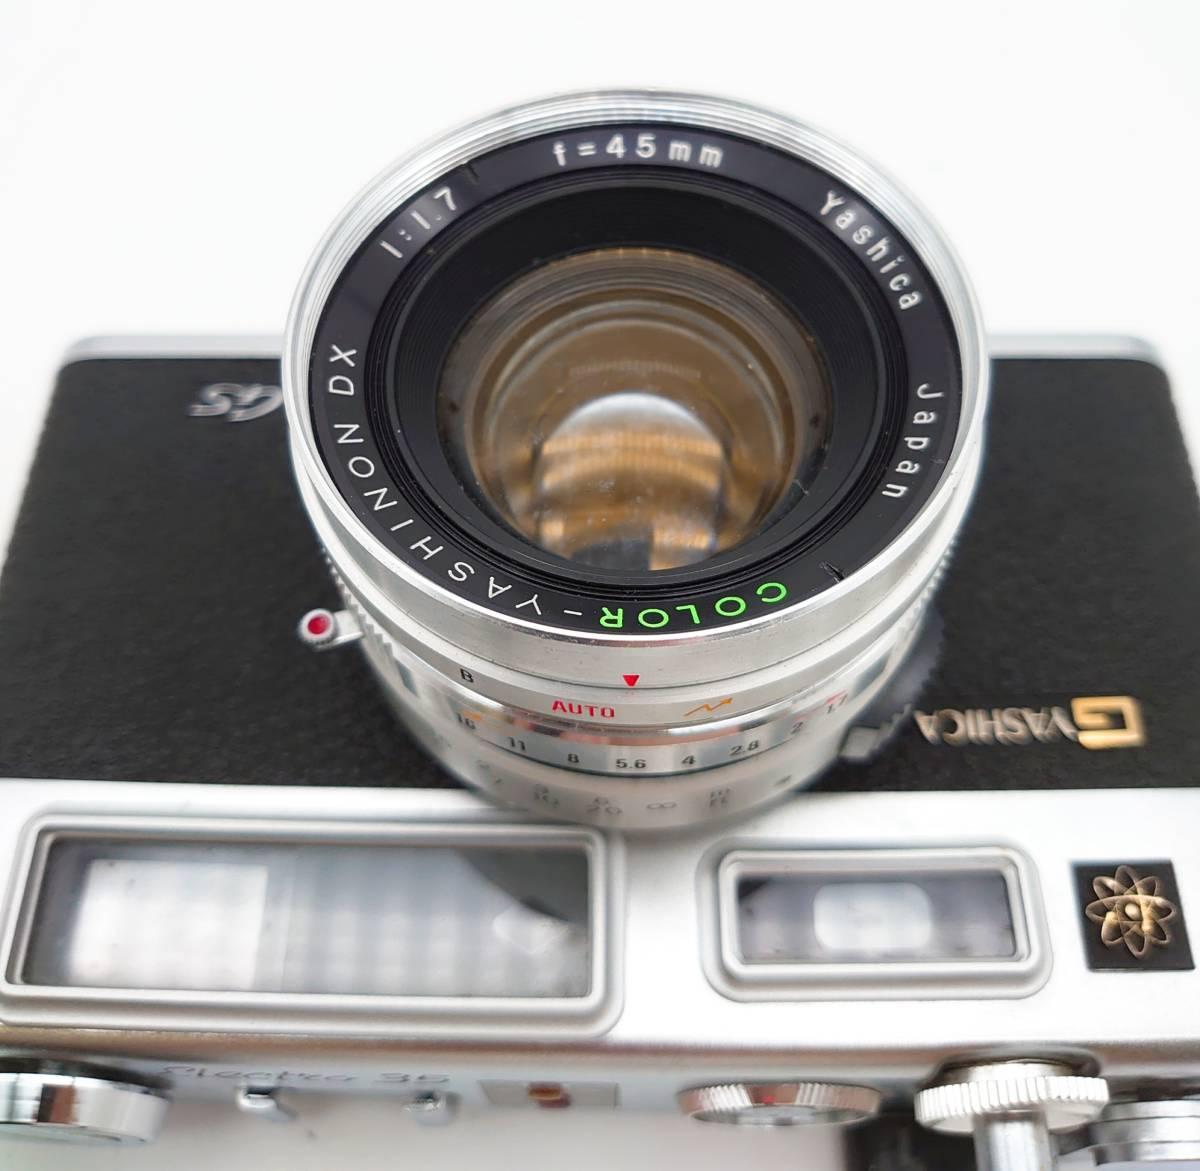 YASHICA ELECTRO35 GS ヤシカ エレクトロ35 GS レンズ 1:1.7 f=45㎜ カメラケース・レンズキャップ・ストラップ付 TT20200606_画像6